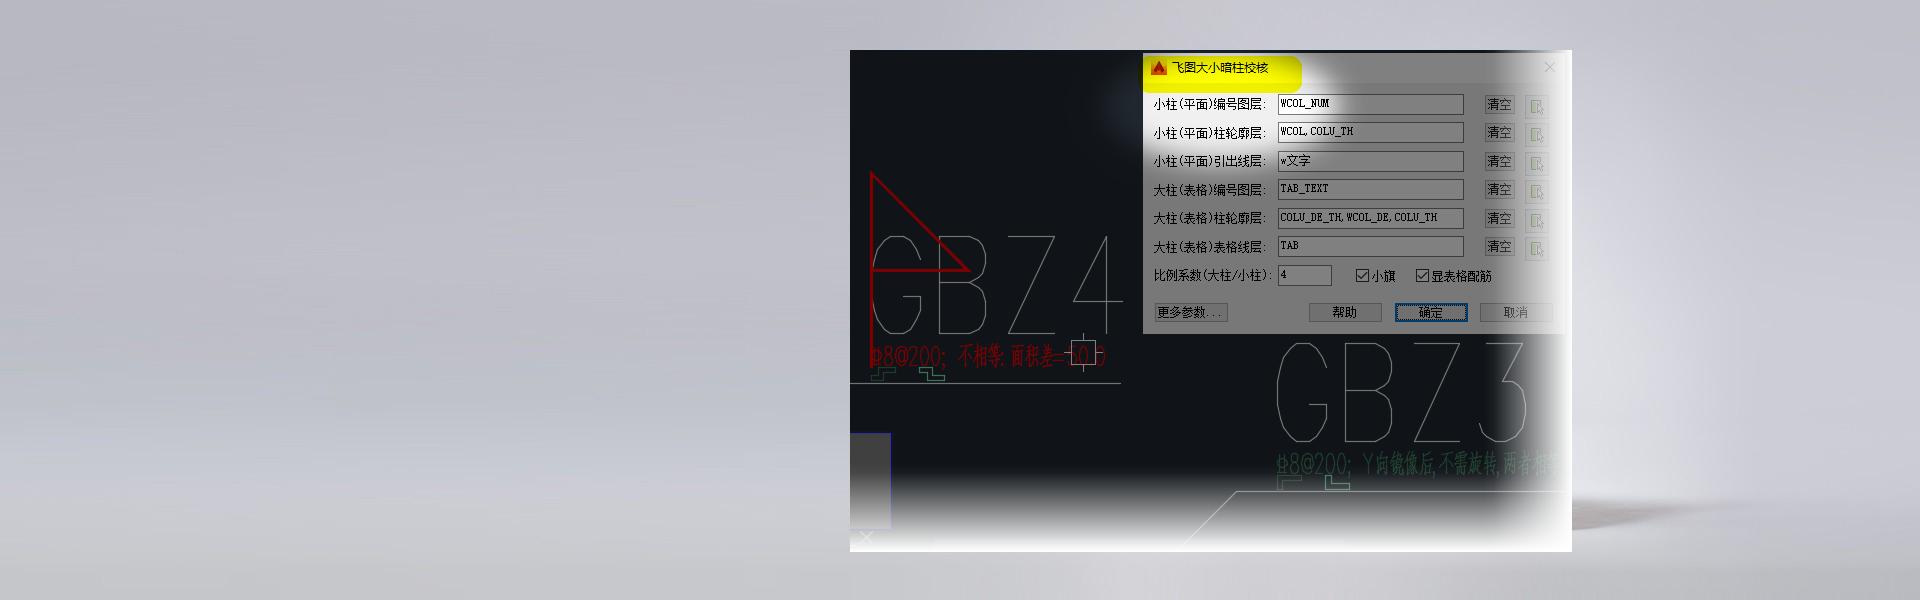 dxaz_2020